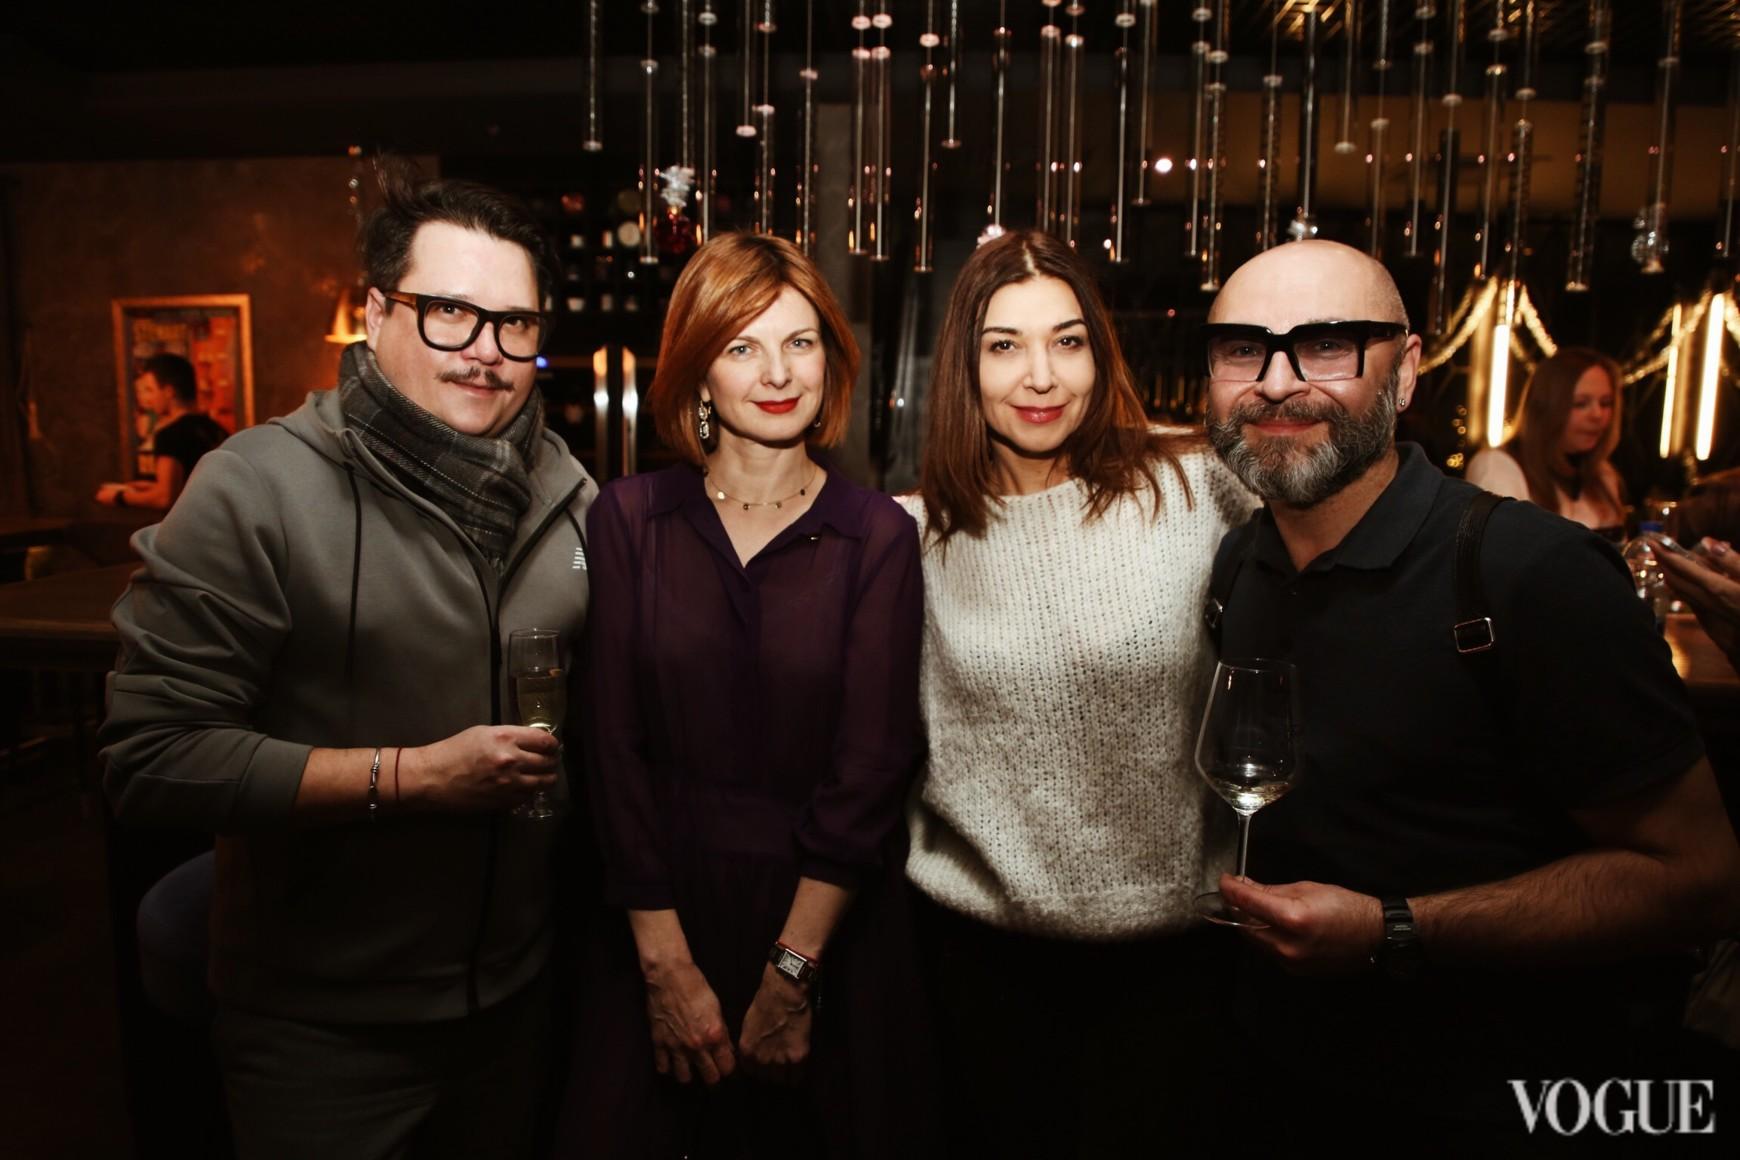 Серж Пайе, Екатерина Кулик, Ольга Дашкиева и Серж Смолин